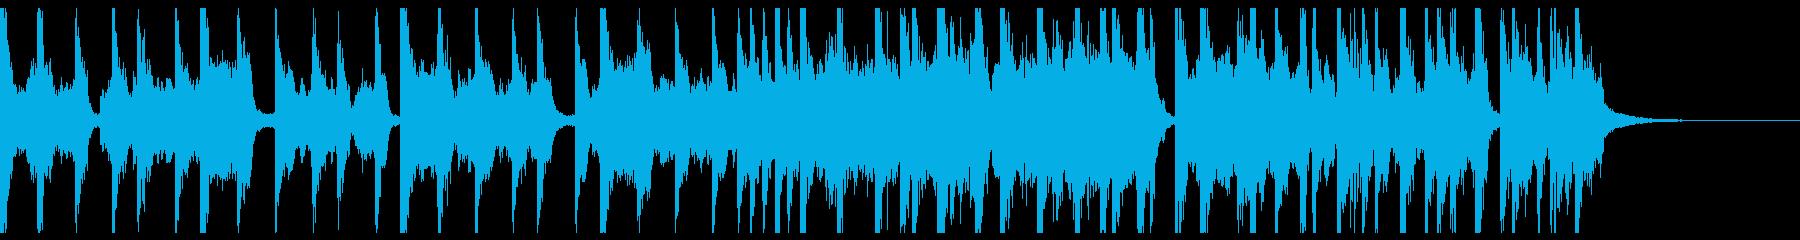 ファンキー テクノポップ ジングルの再生済みの波形